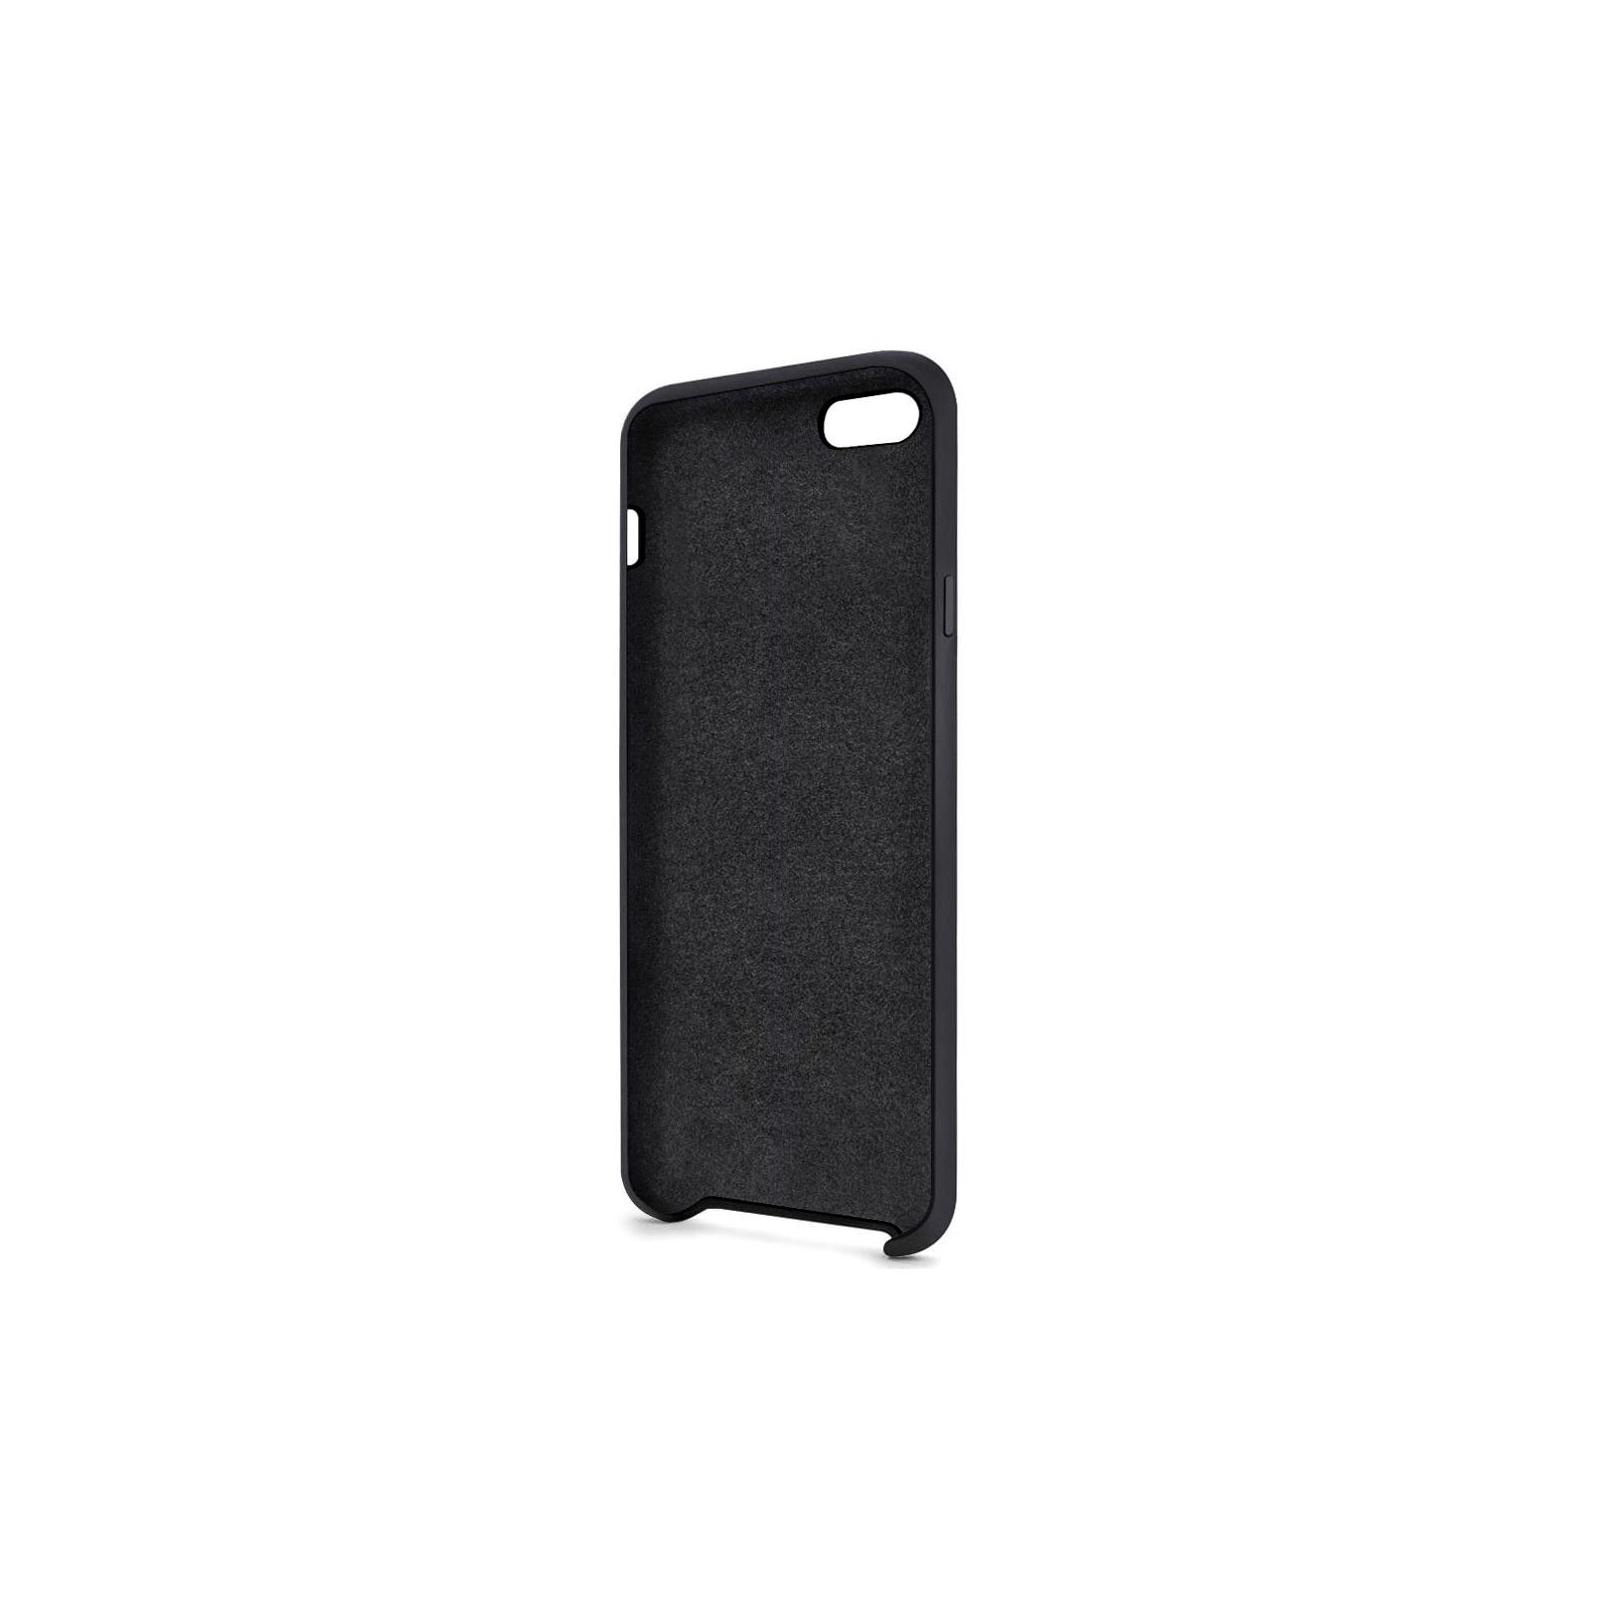 Чехол для моб. телефона Laudtec для iPhone 6/6s liquid case (black) (LT-I6LC) изображение 5